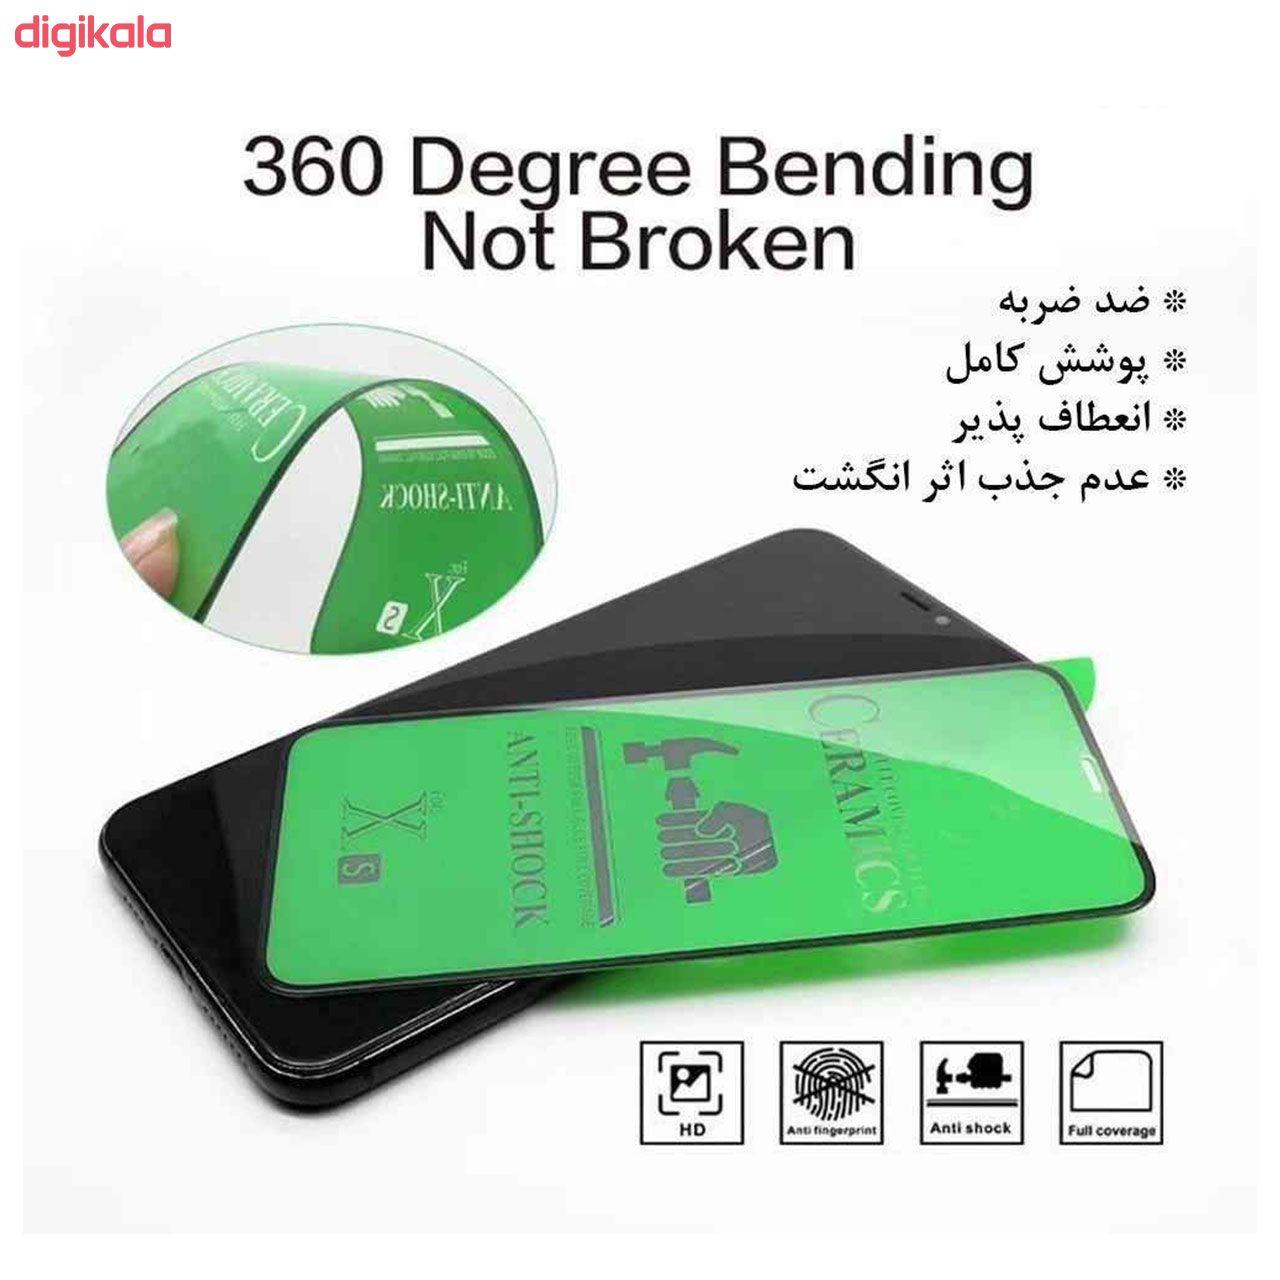 محافظ صفحه نمایش شیپ مدل shcrm-01 مناسب برای گوشی موبایل سامسونگ Galaxy A50 main 1 3